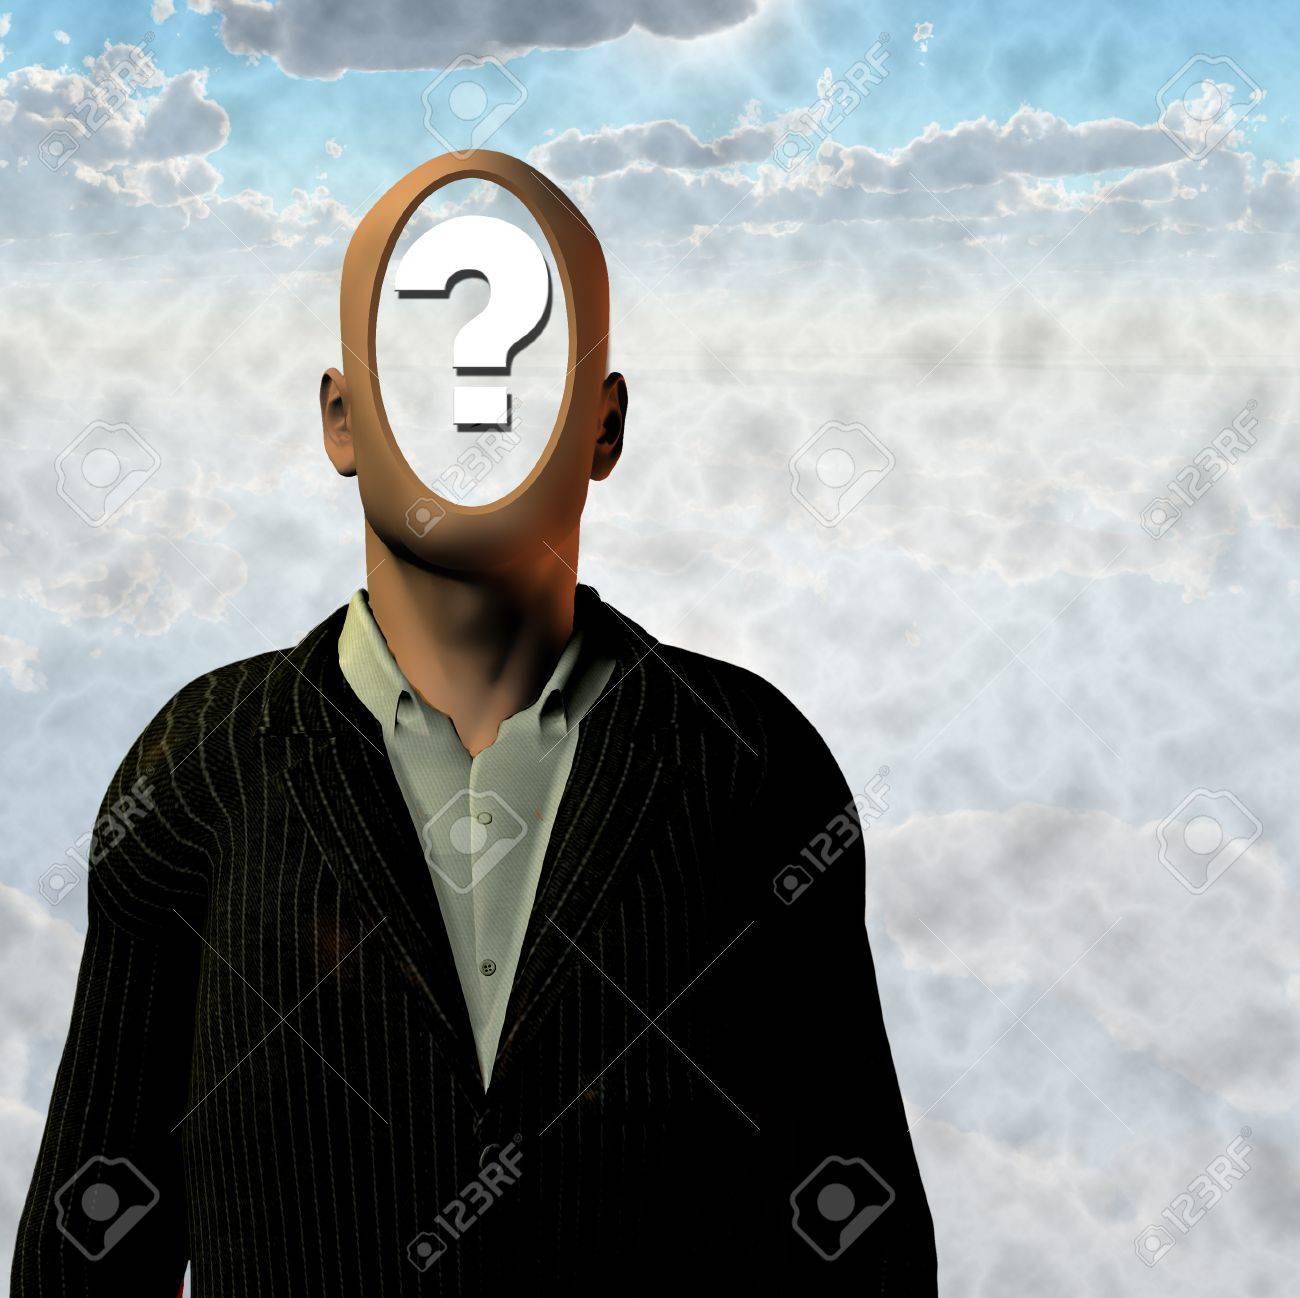 Hombre con signo de interrogación dentro de cabeza Foto de archivo - 8837731